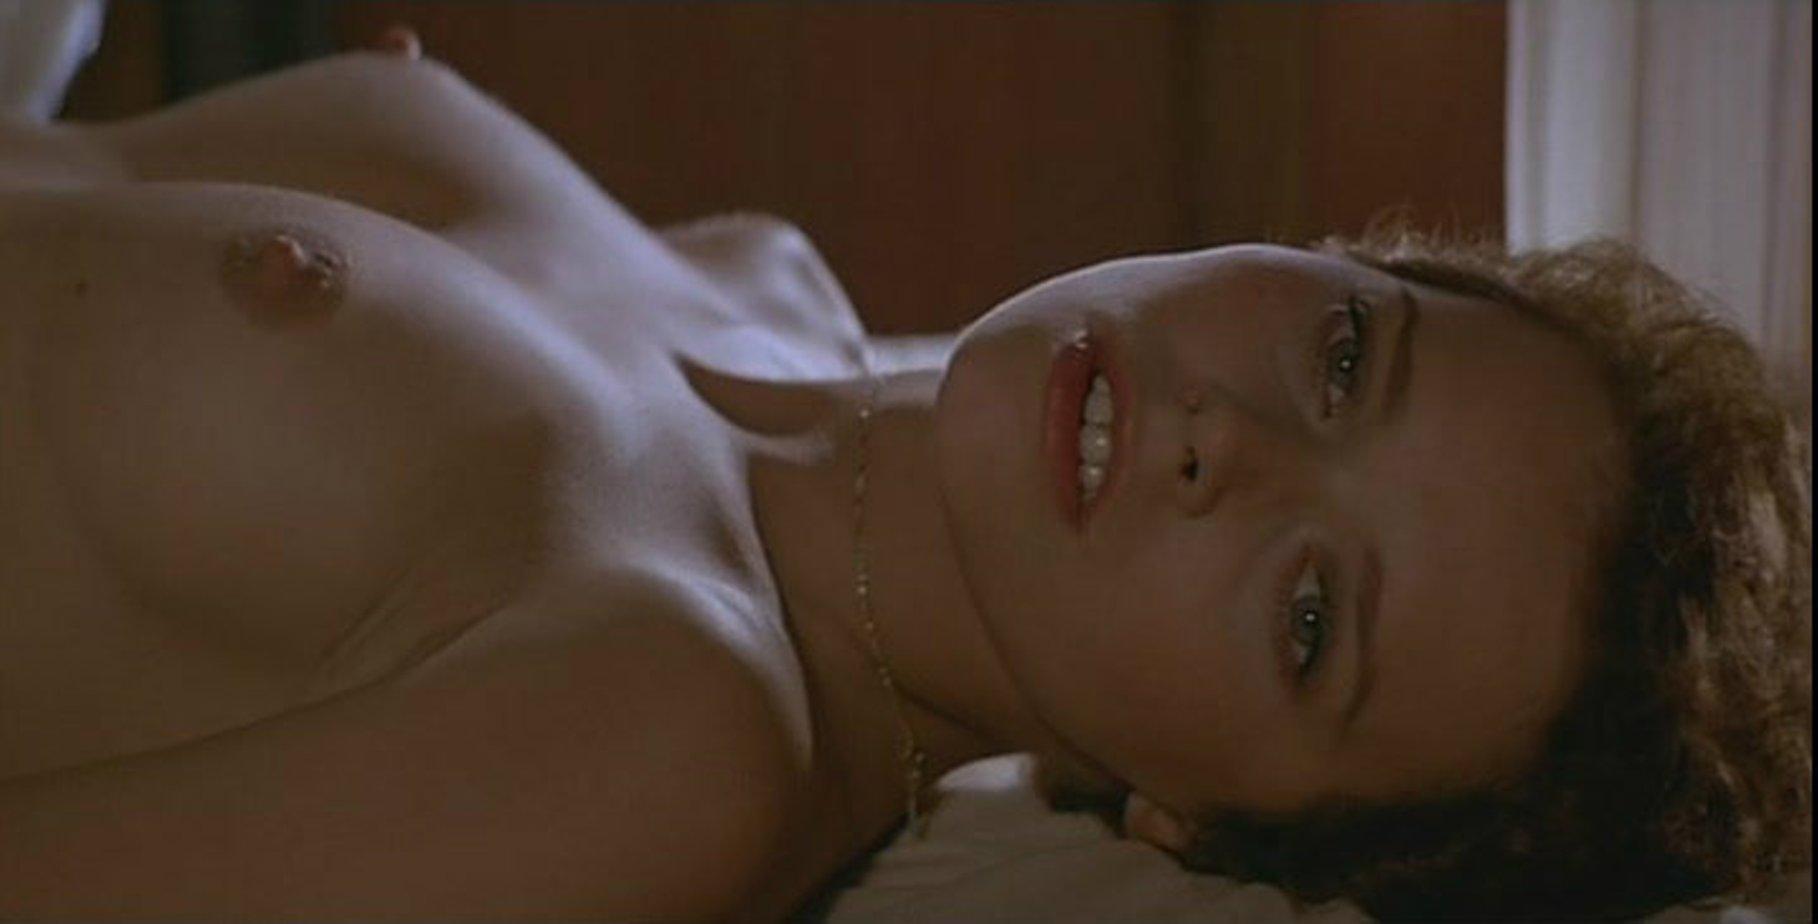 podborki-s-eroticheskih-filmov-onlayn